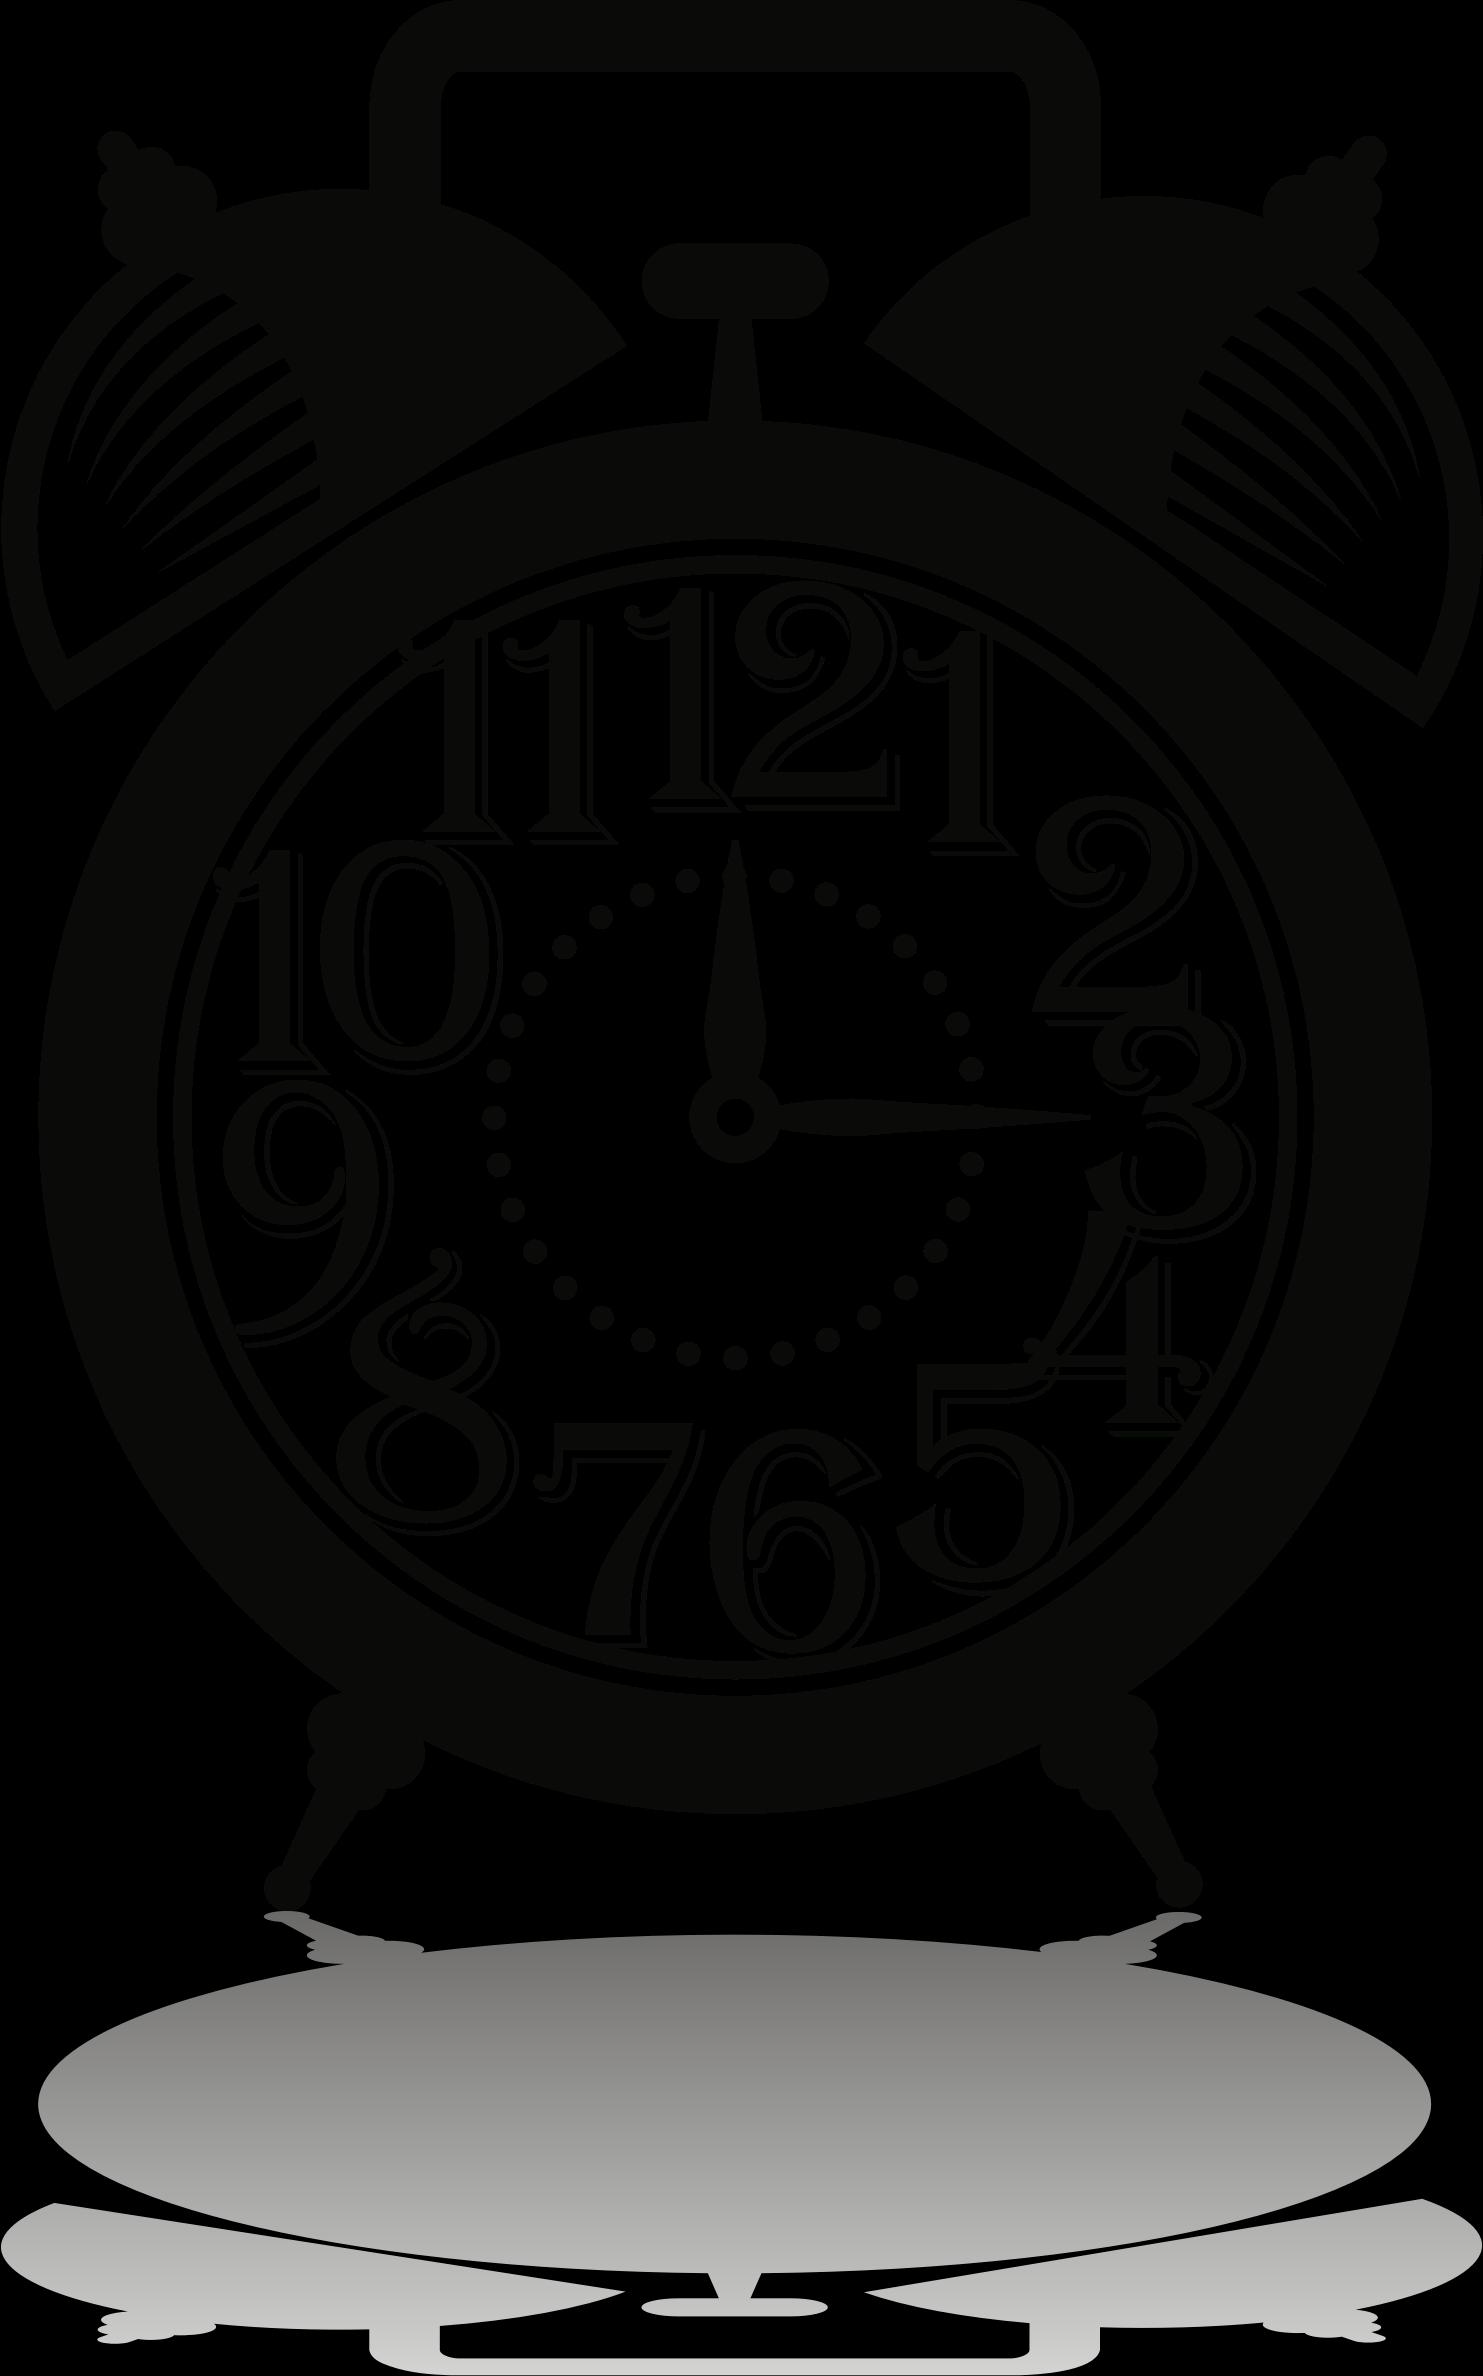 Transparent alarm clock clip art - Alarm Clock Red Png Clip Art - Drawing Of A Clock Alarm